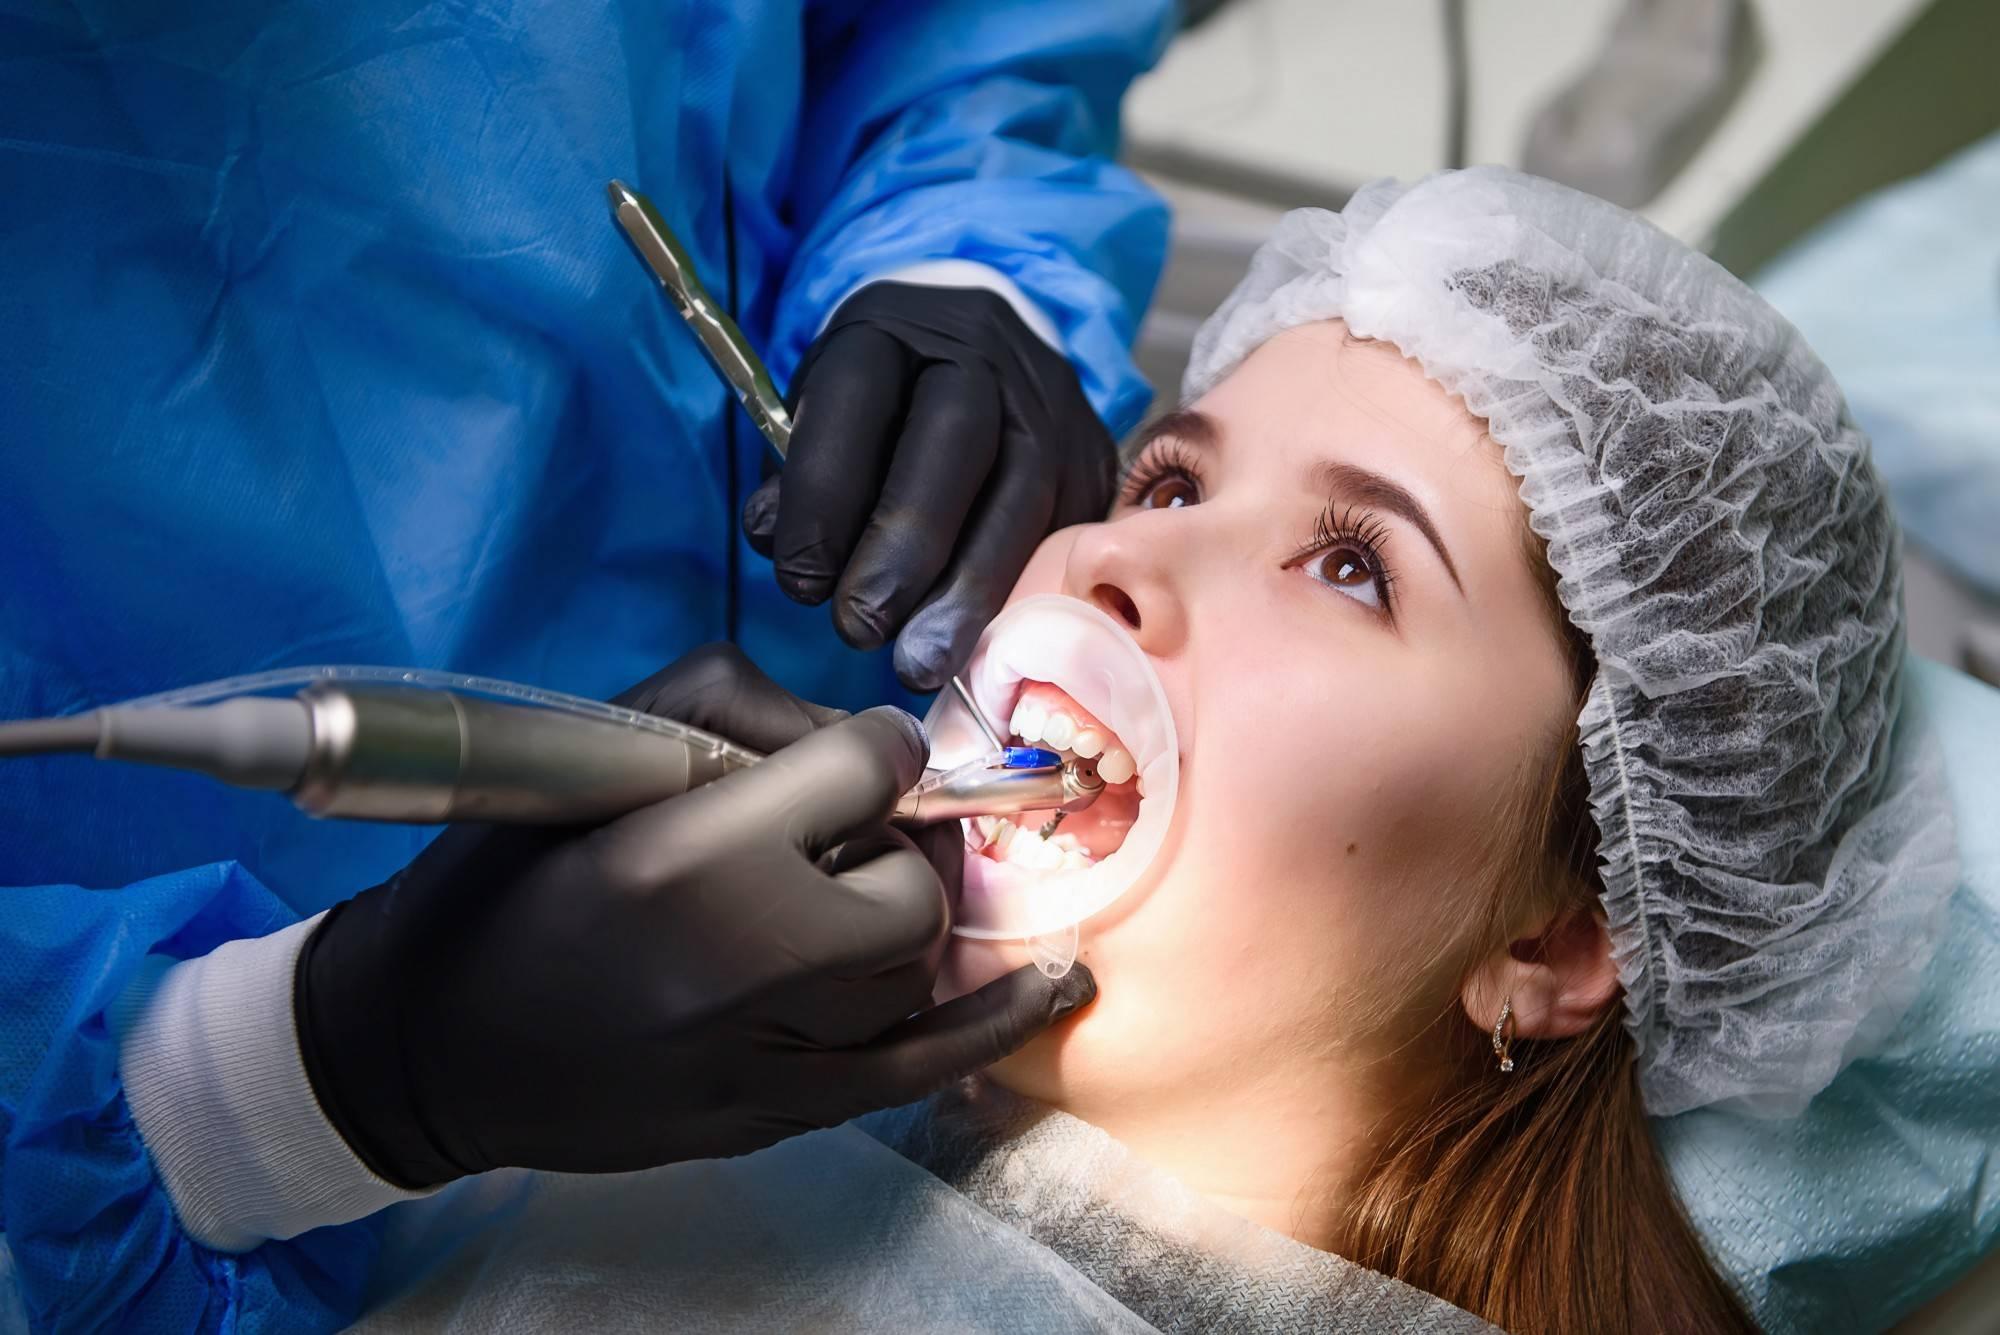 Как можно избавиться от кариеса на зубах: лечение в домашних условиях народными средствами и в клинике